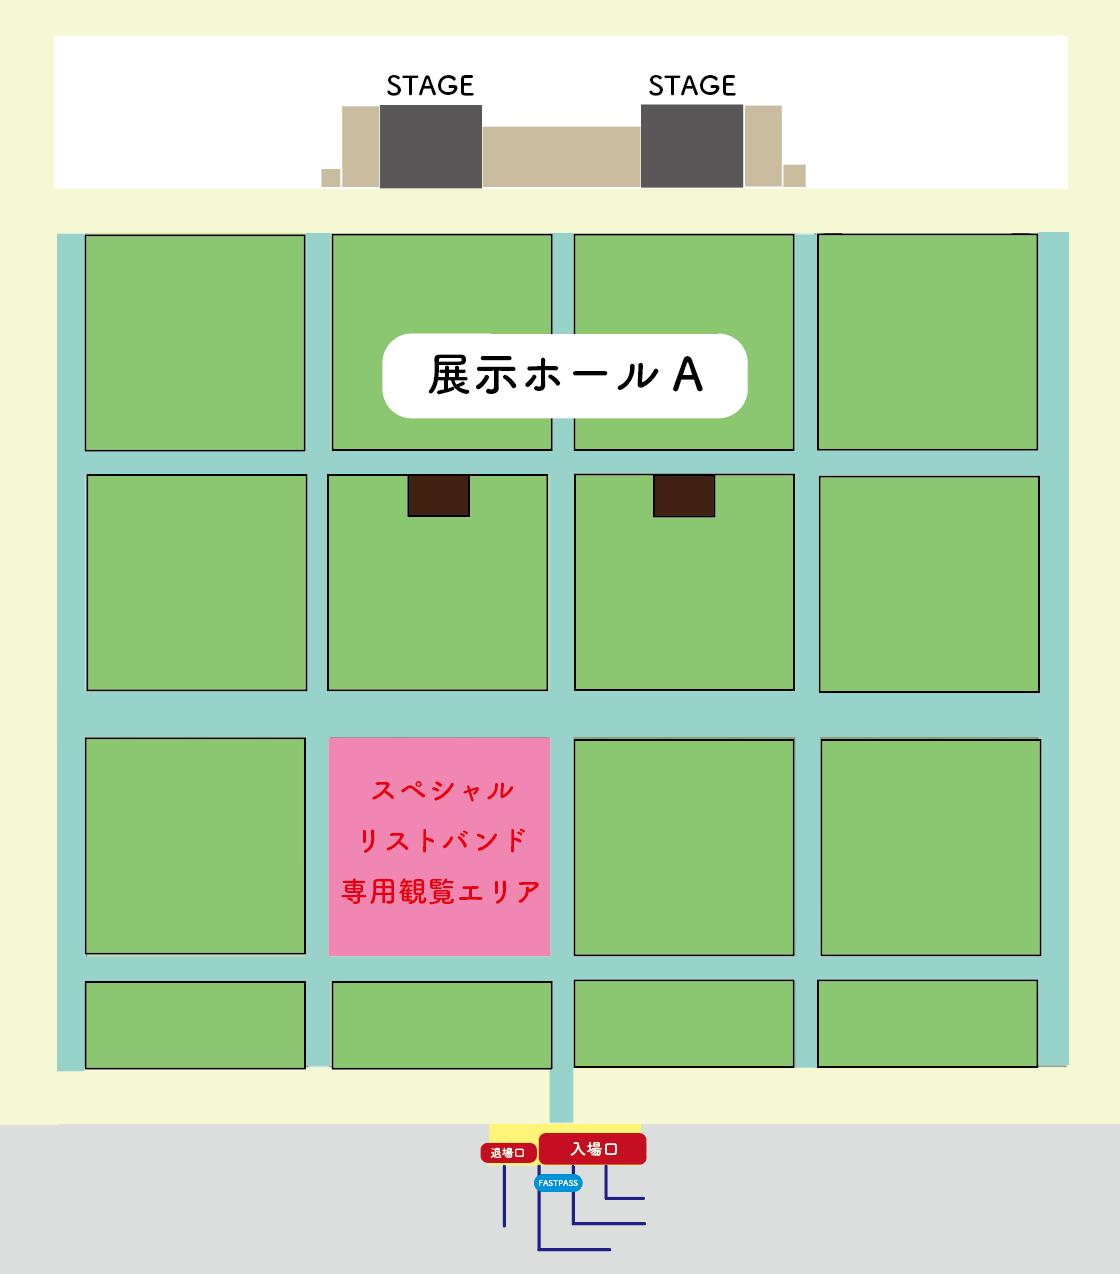 スクリーンショット_2021-05-31_13.32.39.png